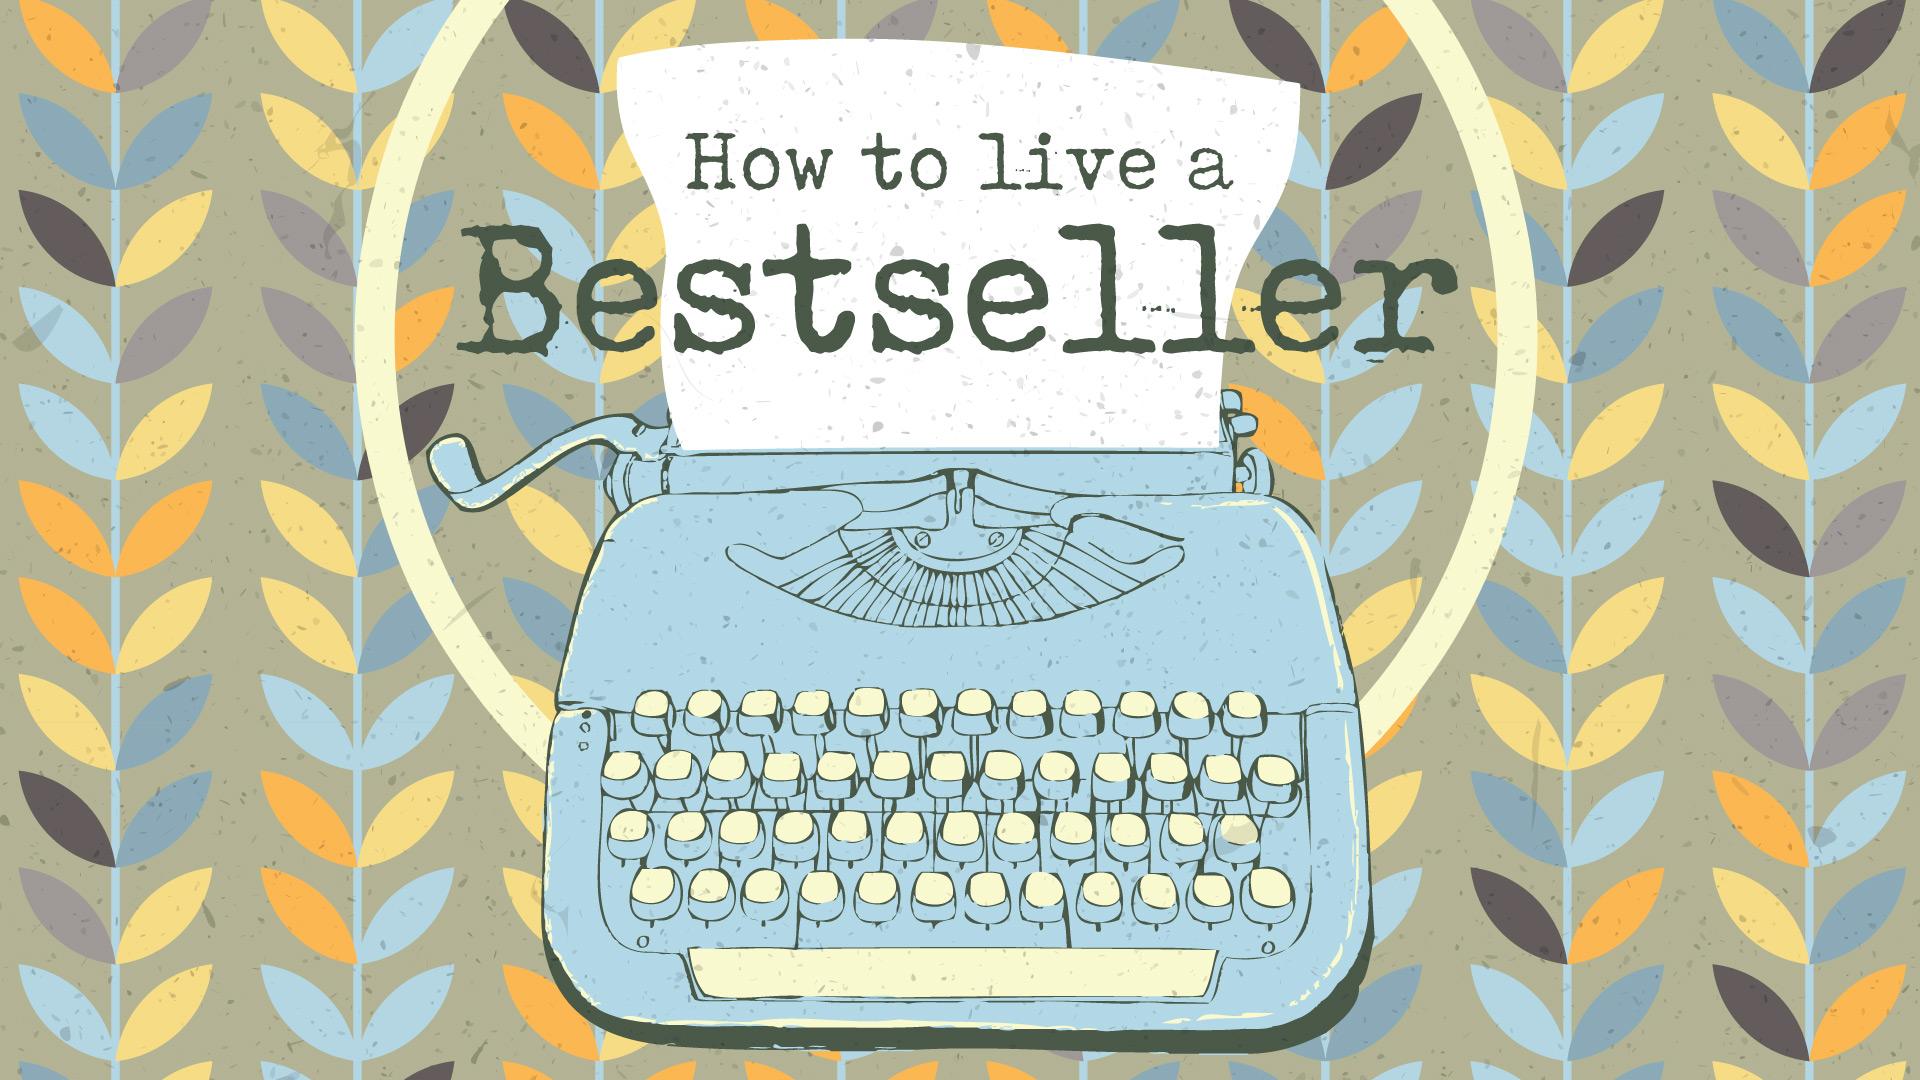 Bestseller_Series Title.jpg